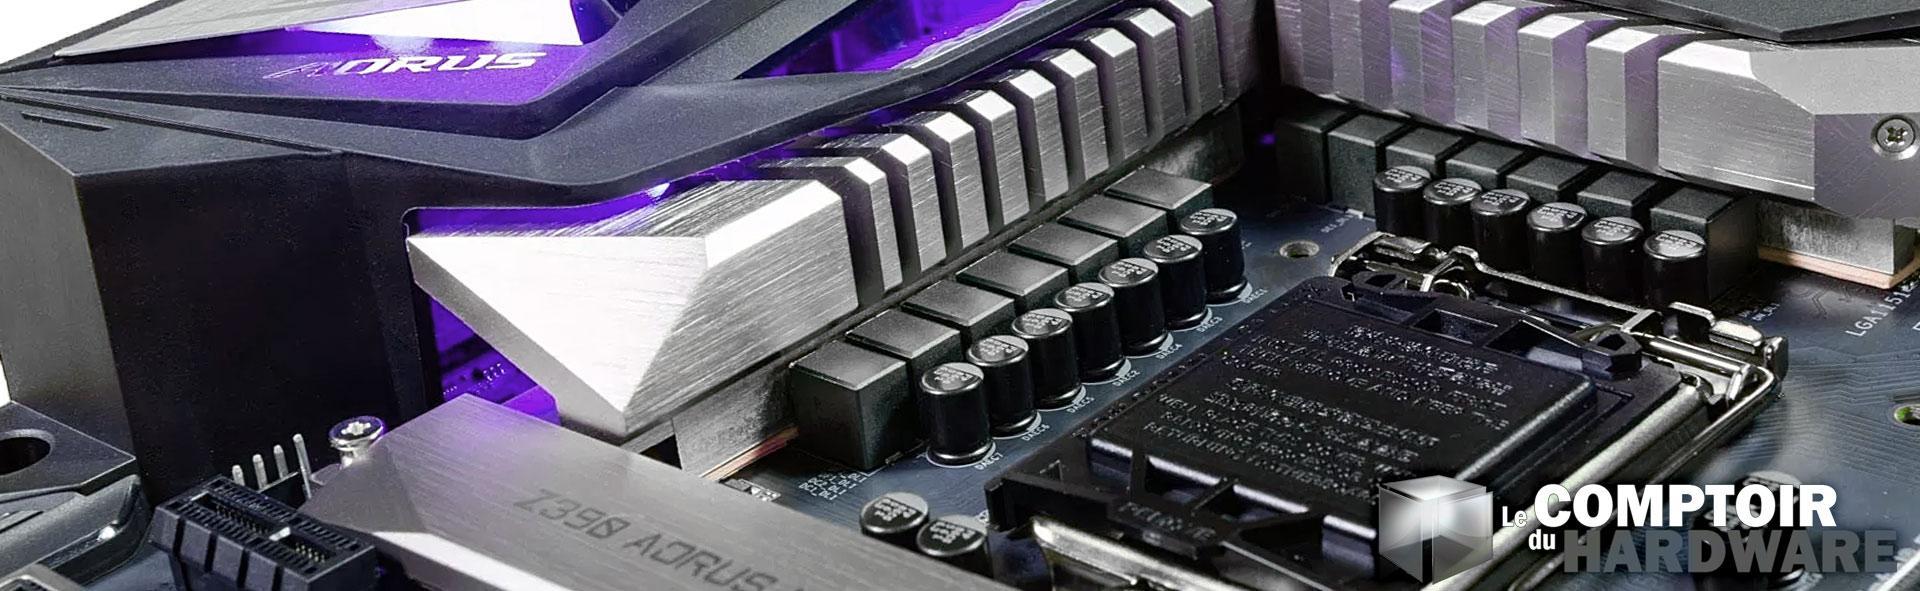 test gigabyte aorus z390 master le comptoir du hardware. Black Bedroom Furniture Sets. Home Design Ideas